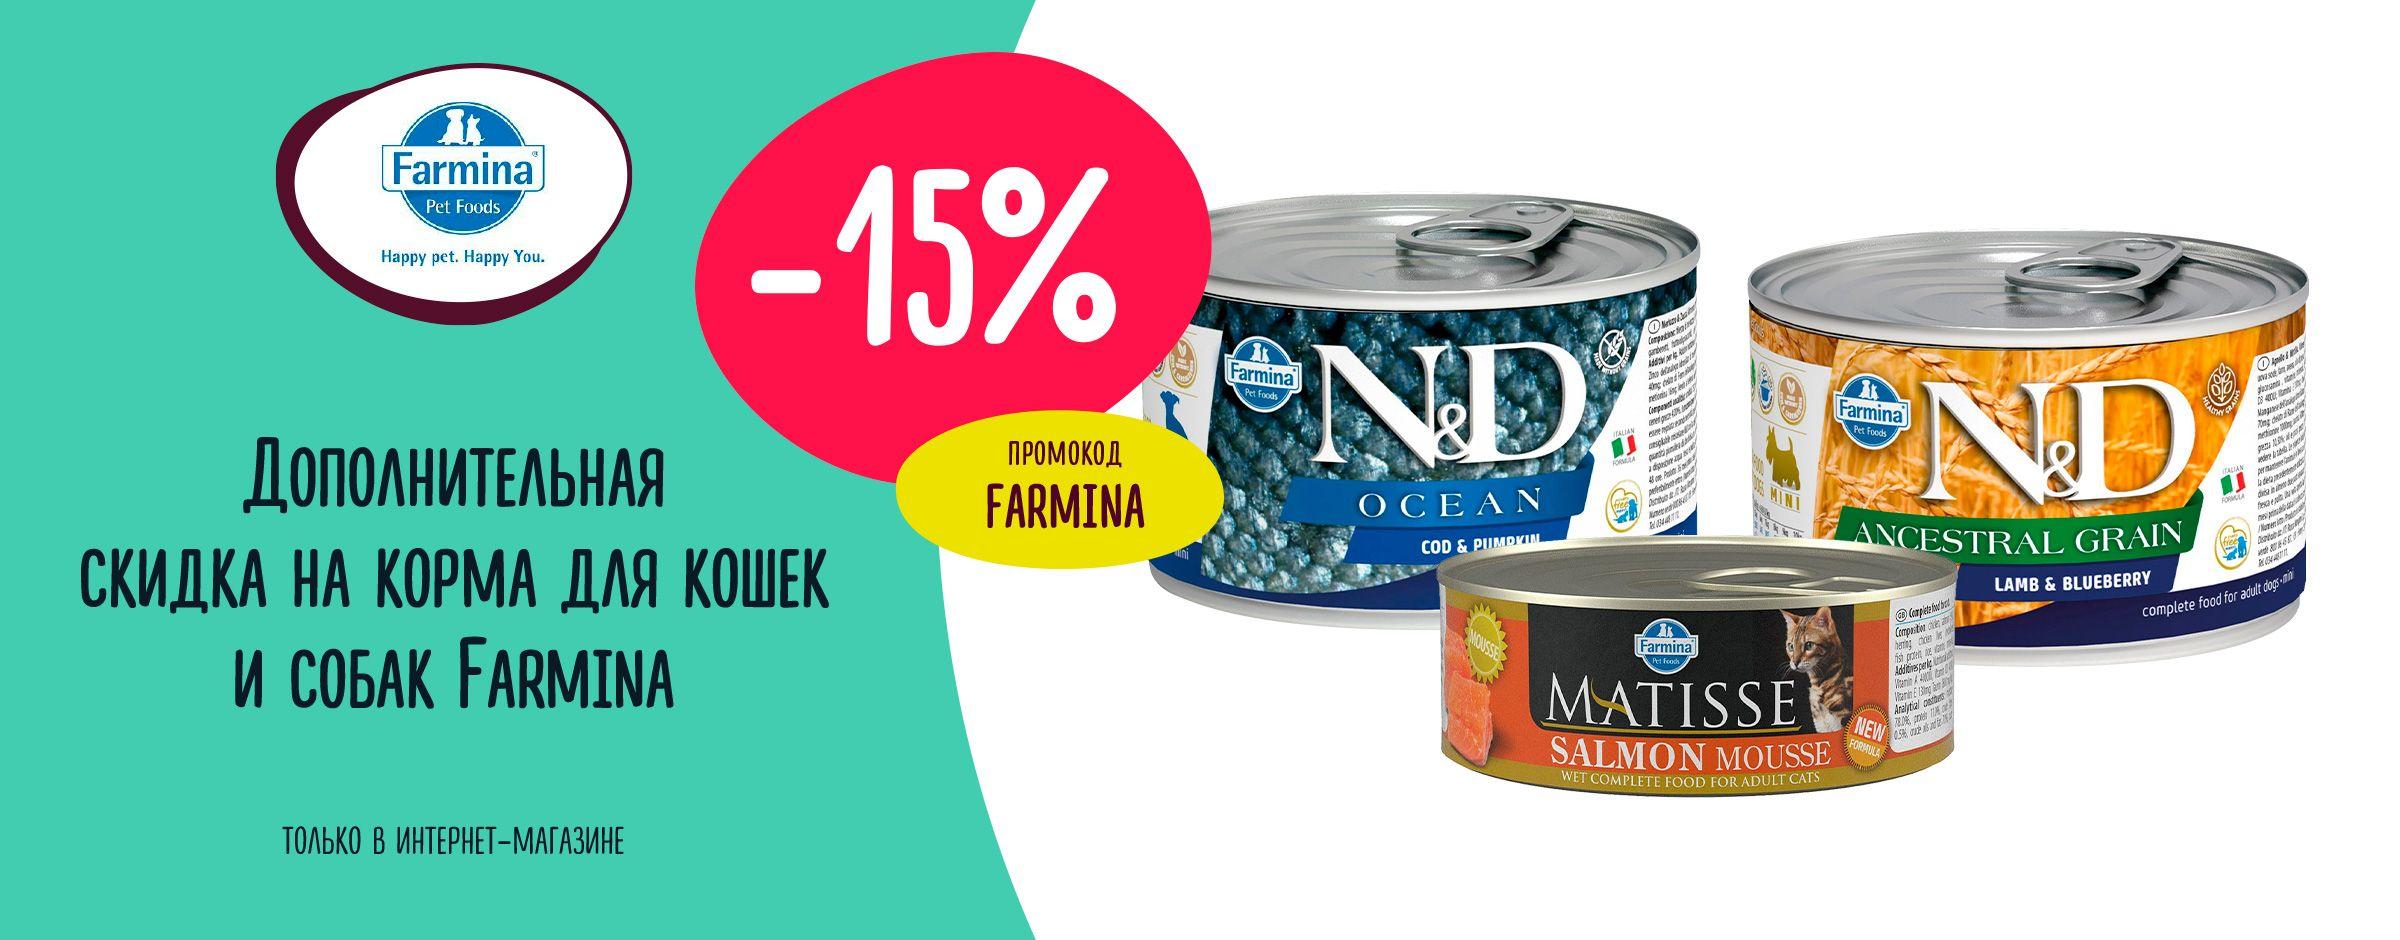 15% на Farmina по промокоду FARMINA выходные